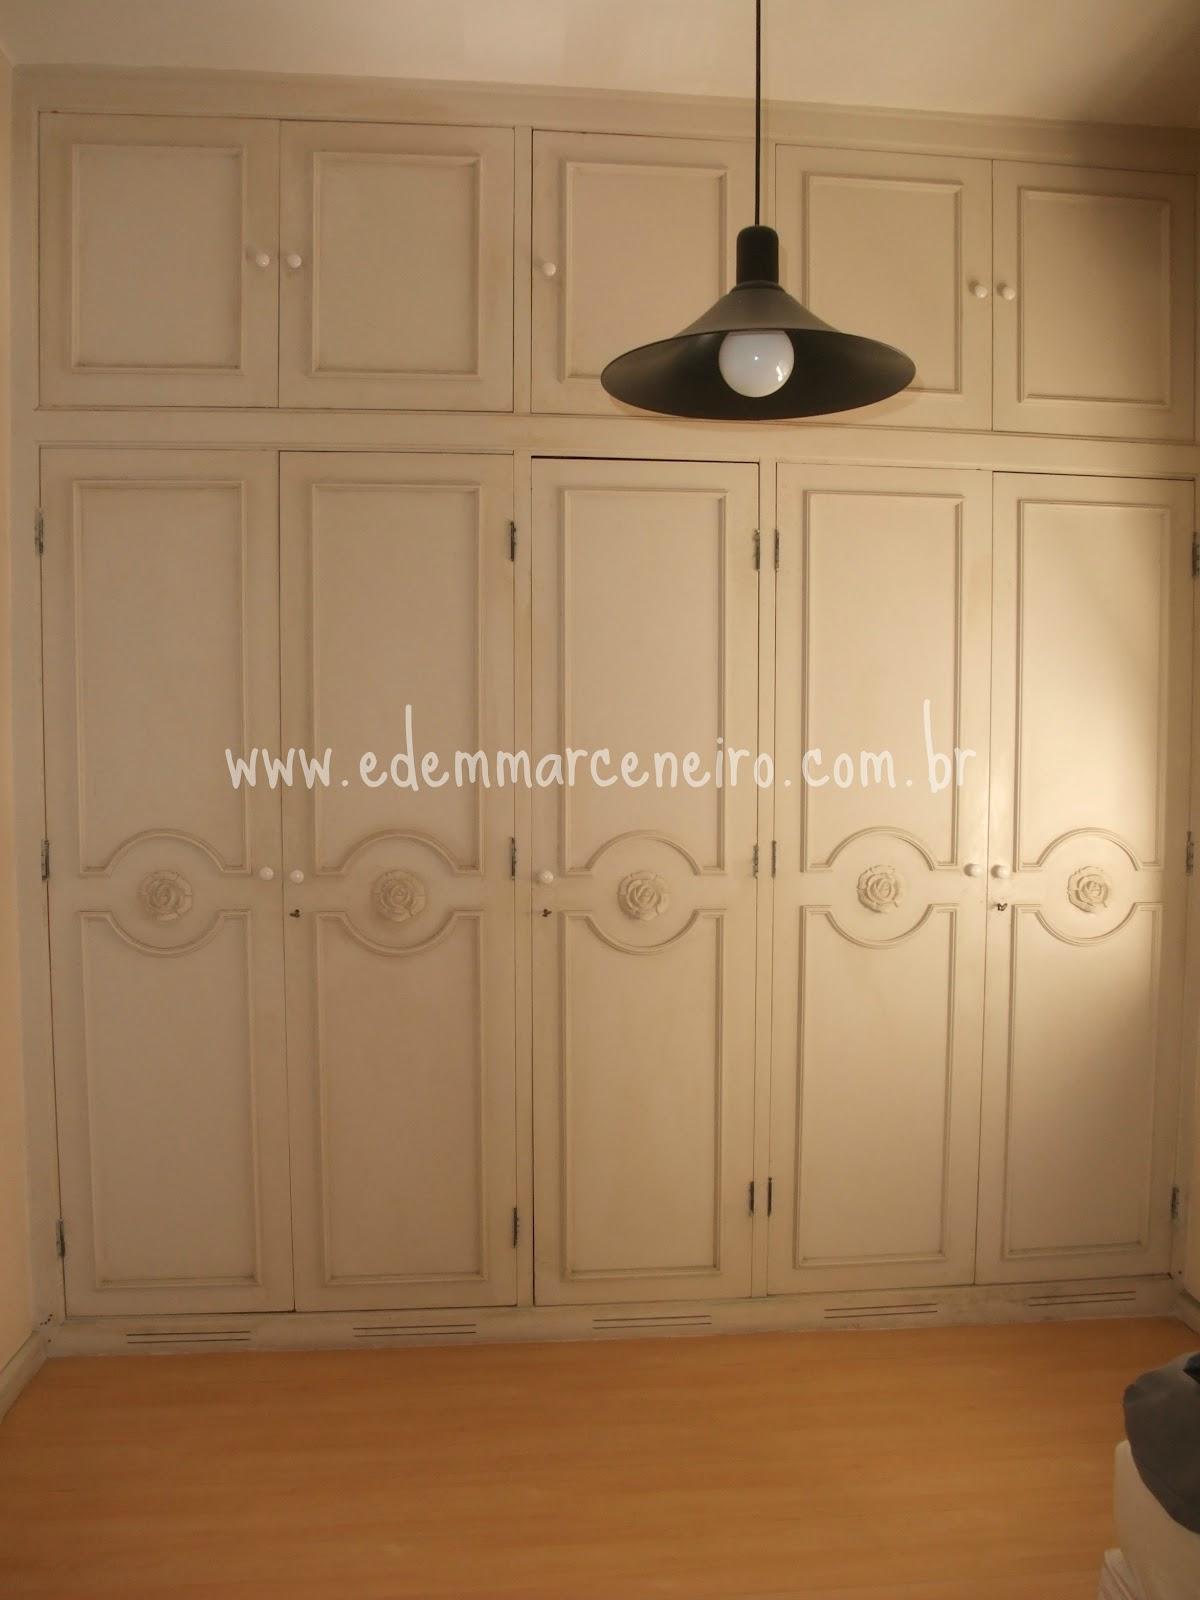 Portas de correr para modernizar armário Edem Marceneiro #A67125 1200x1600